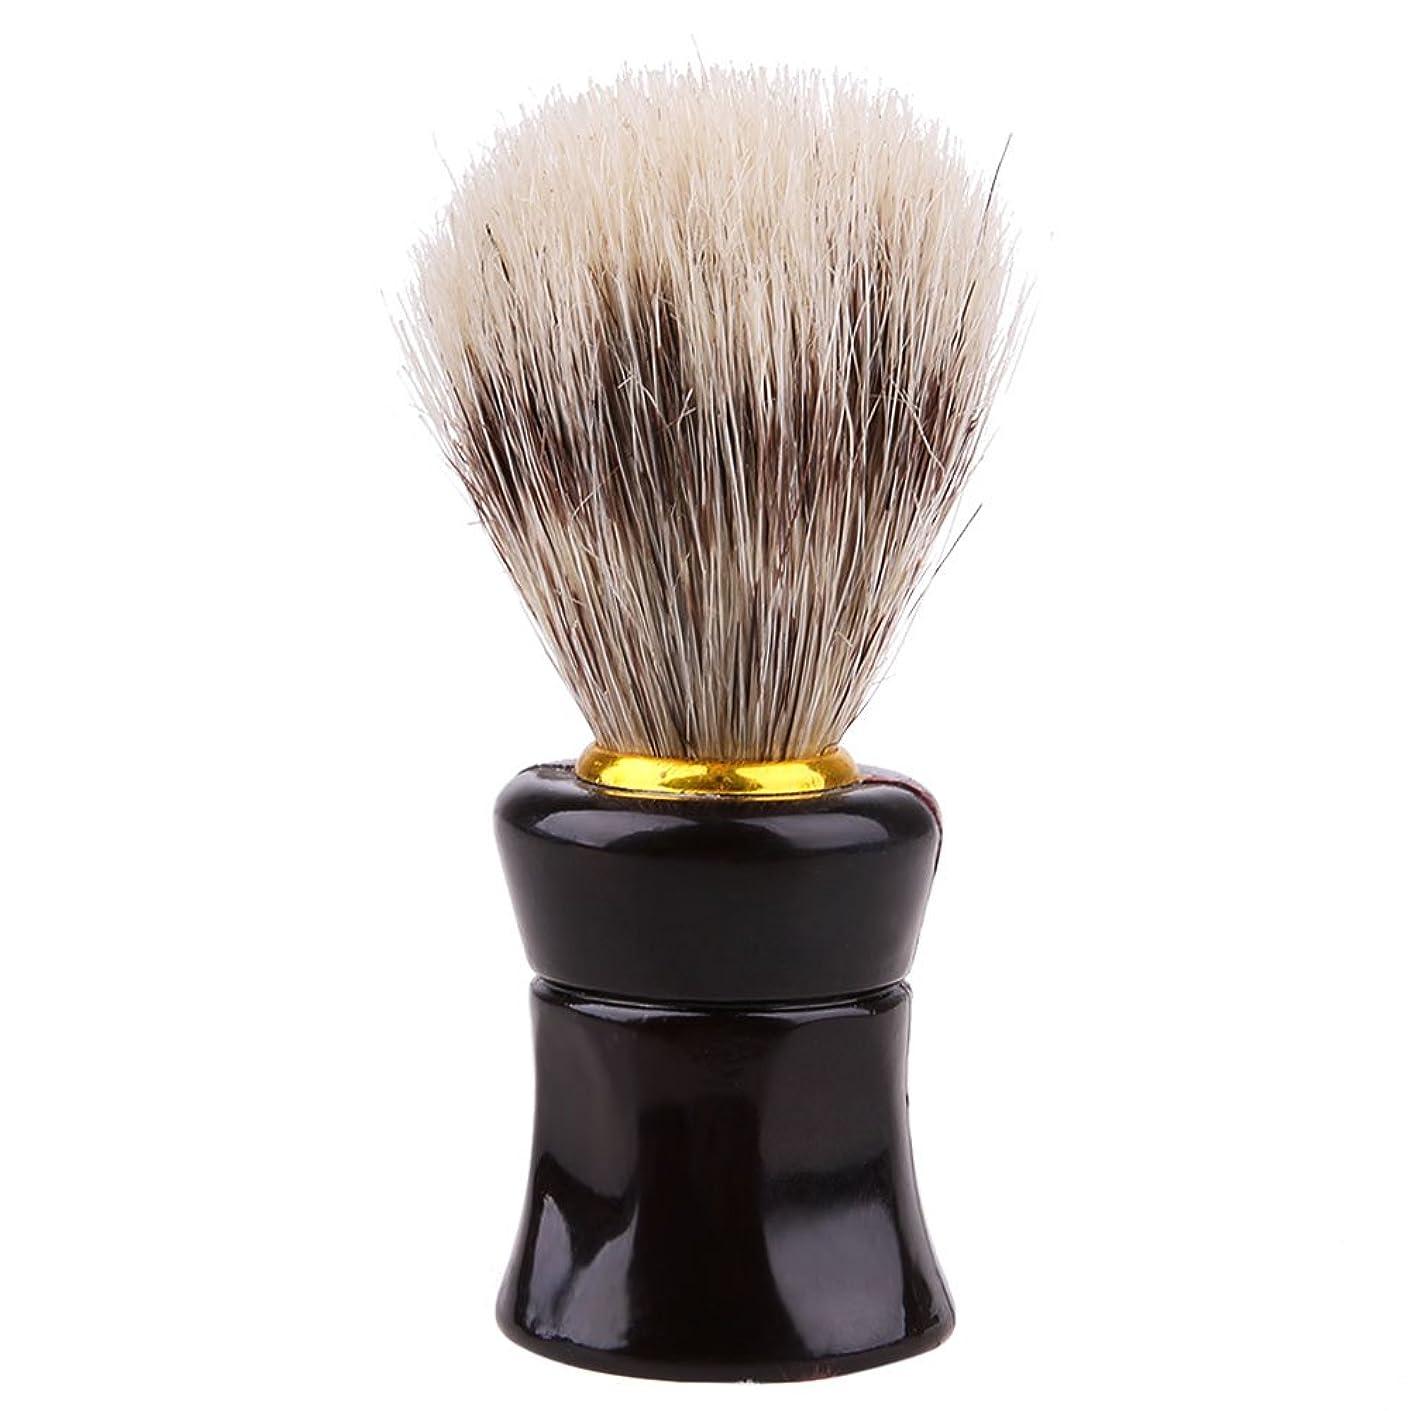 ペン脊椎有力者男性、かわいい、ひげブラシ、シェーバーブラシ、便利、実用的、美容ツール、シェービングツール、黒